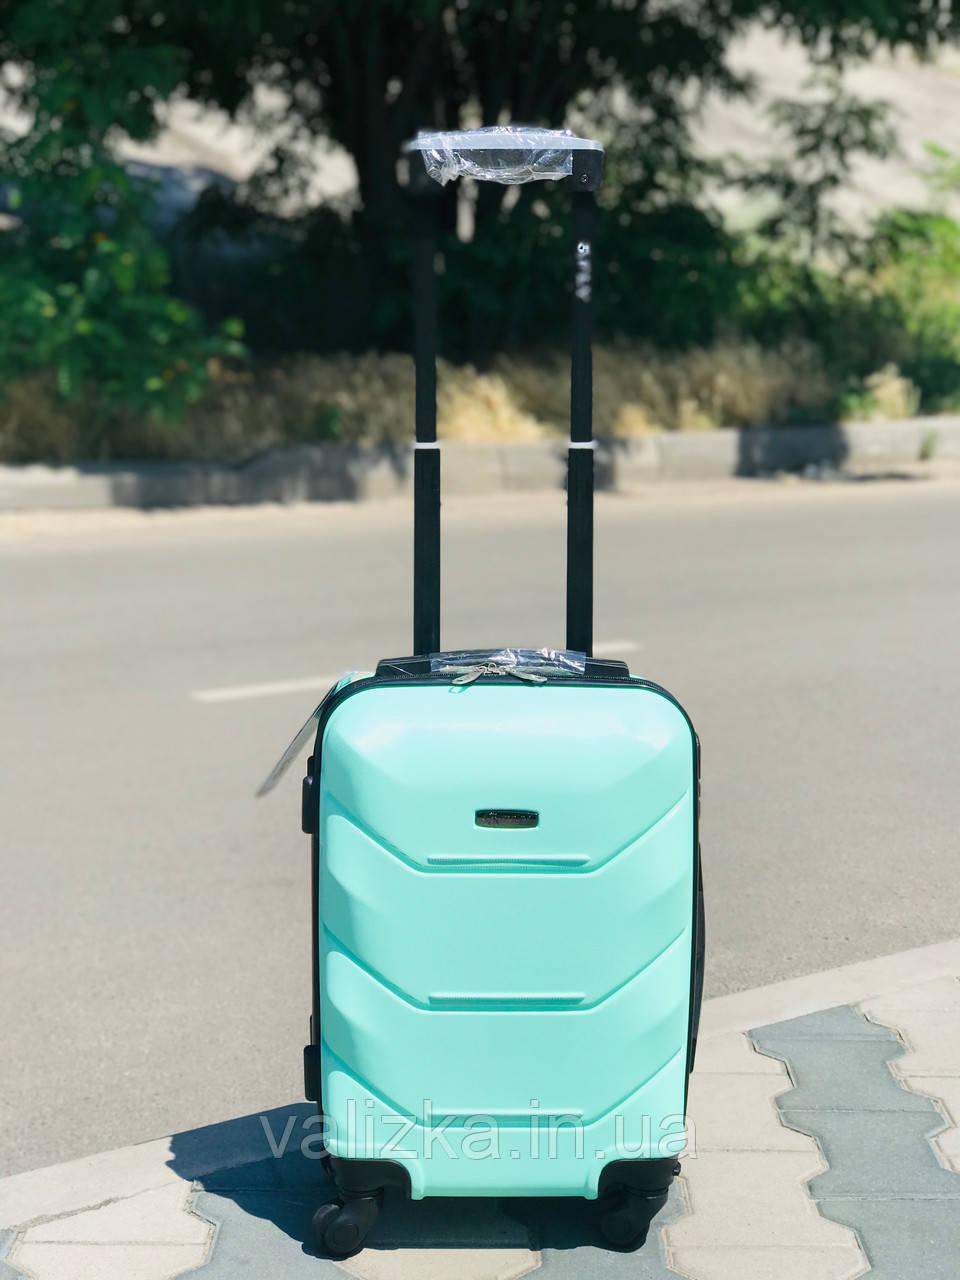 Пластиковый малый чемодан для ручной клади в бирюзовом цвете